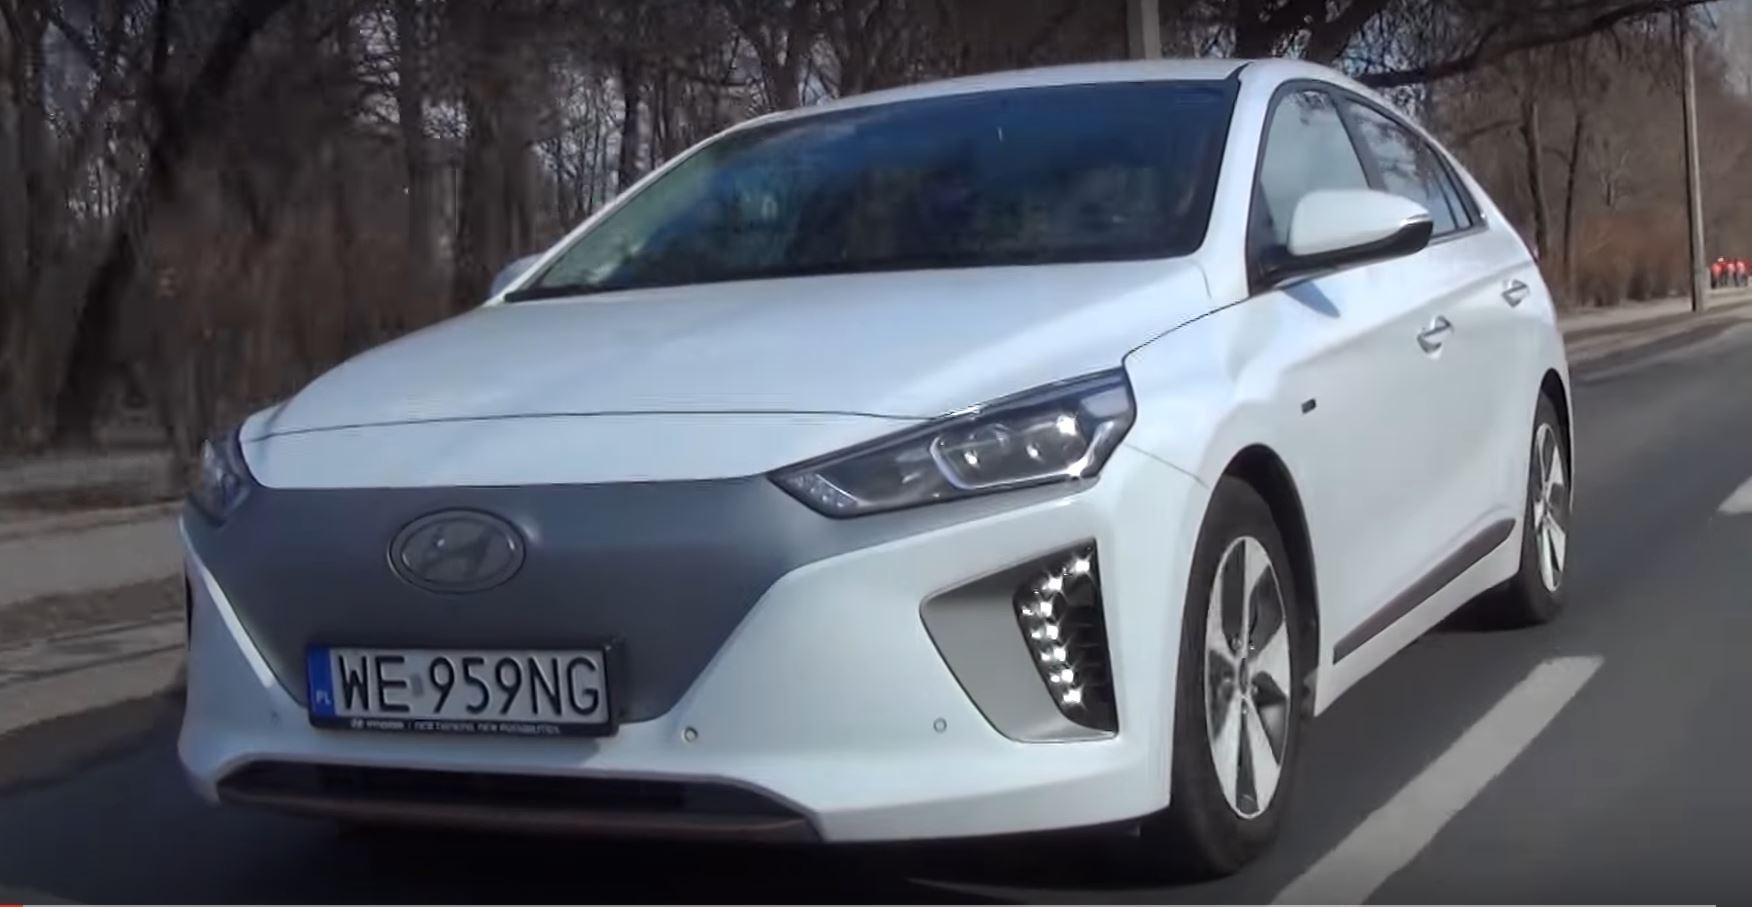 Hyundai Ioniq Electric Acceleration Test 0 To 50 Km H In 3 Seconds